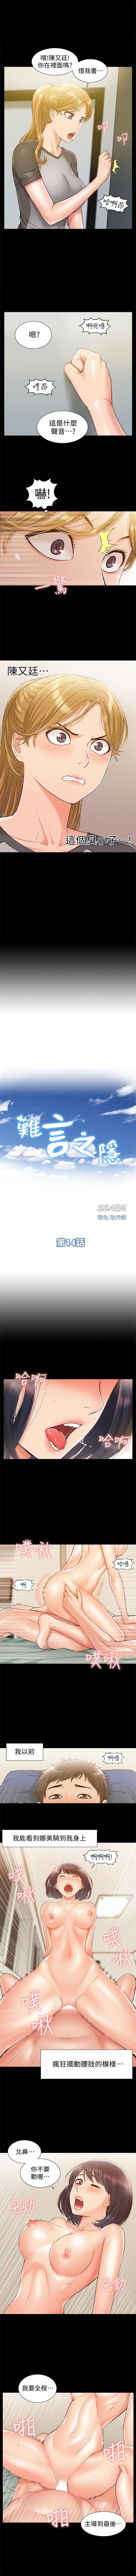 (周4)难言之隐 1-20 中文翻译(更新中) 80